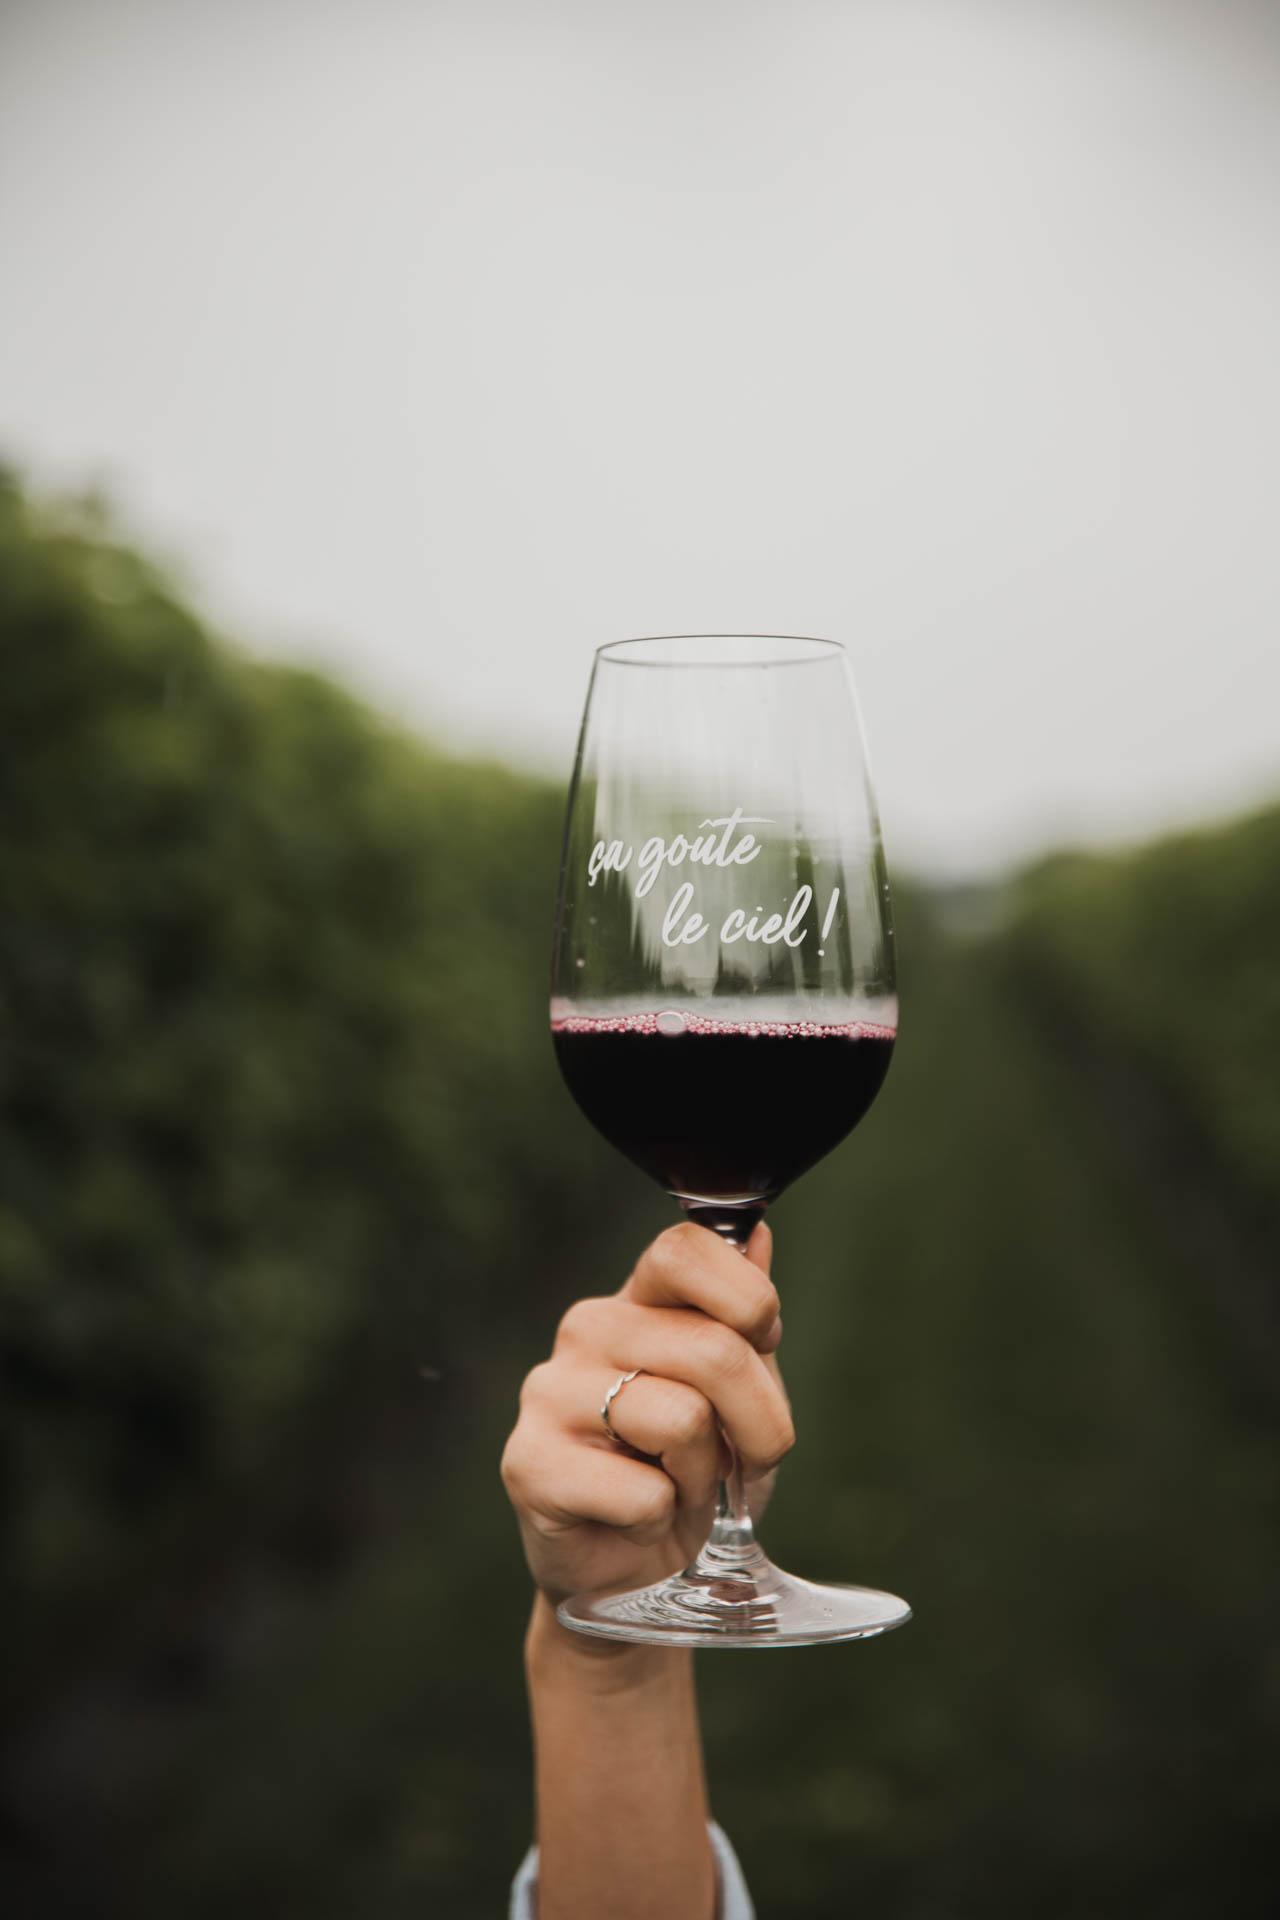 Cliquez ici pour acheter Verre à vin – Ça goûte le ciel